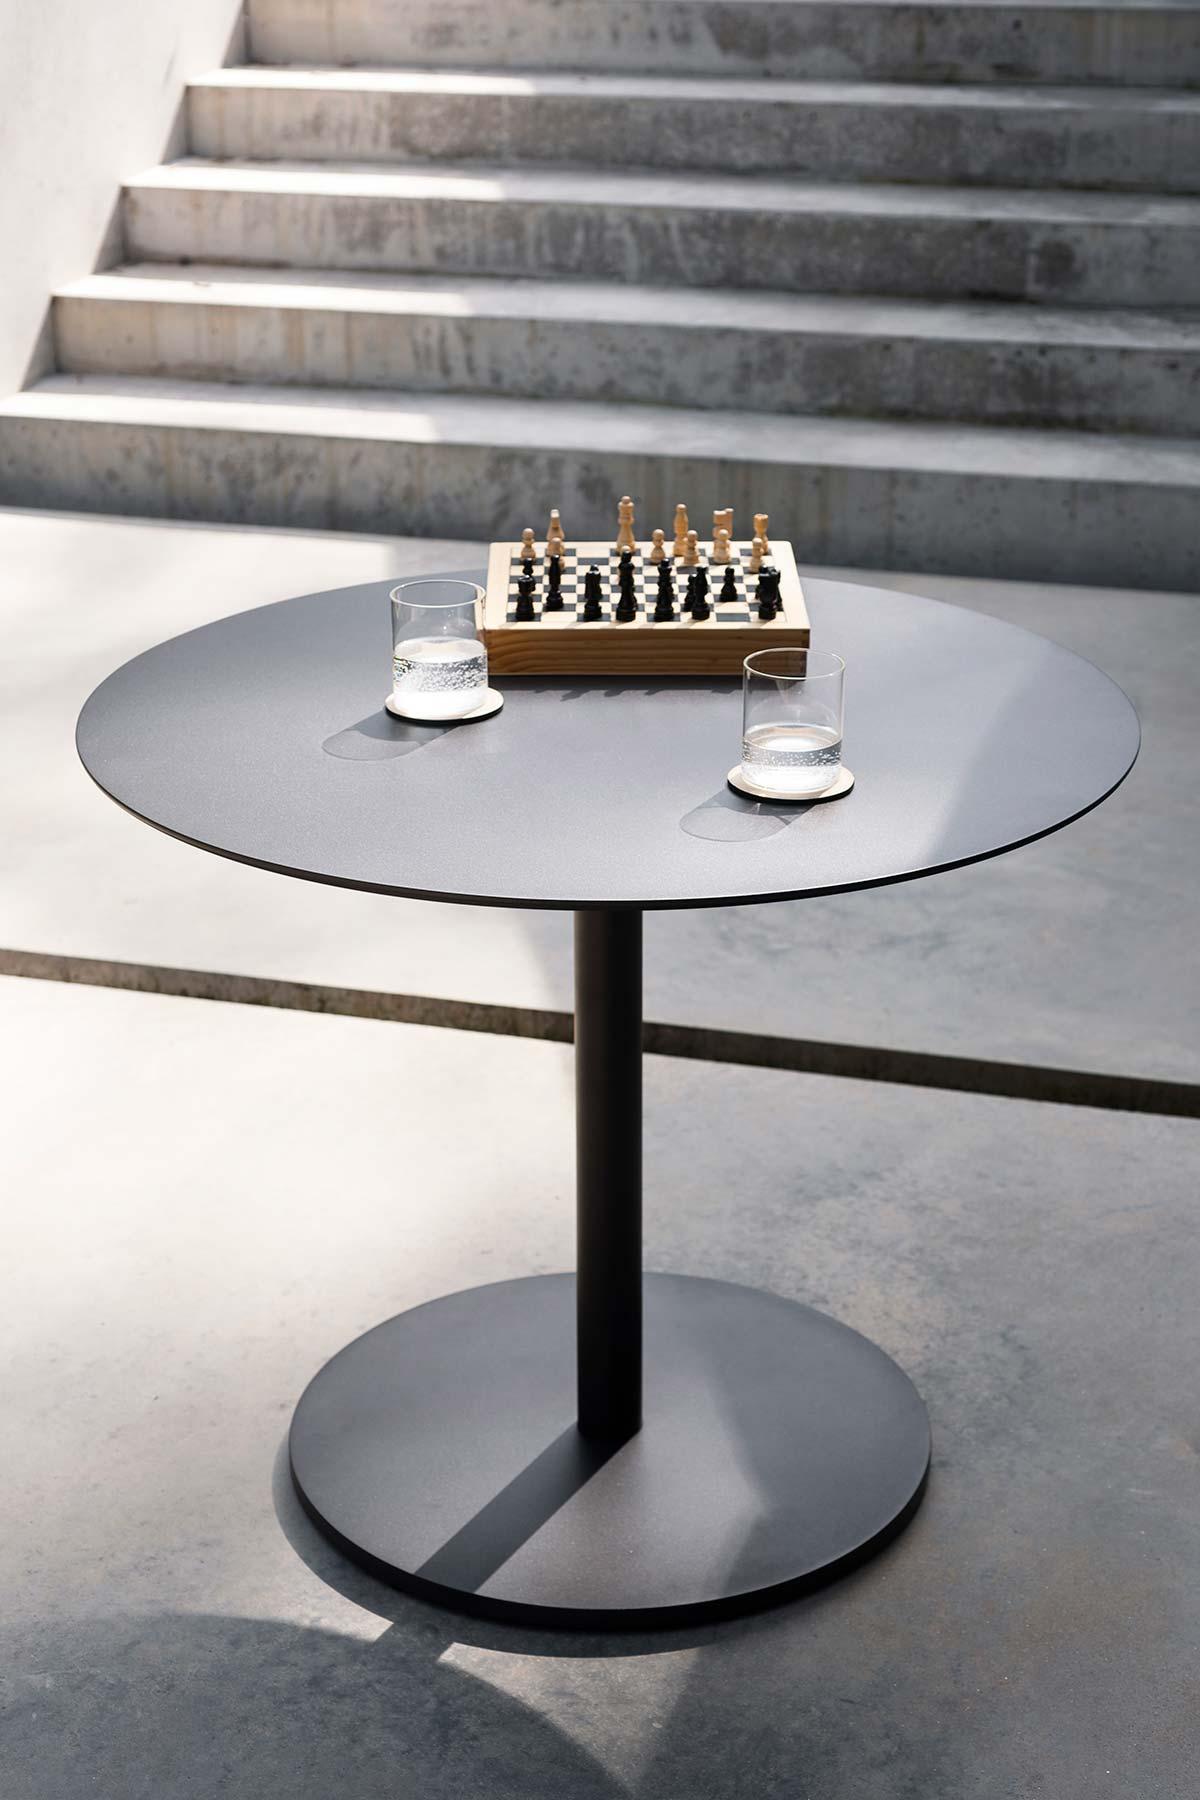 Button by Roda - Photo © Andrea Ferrari